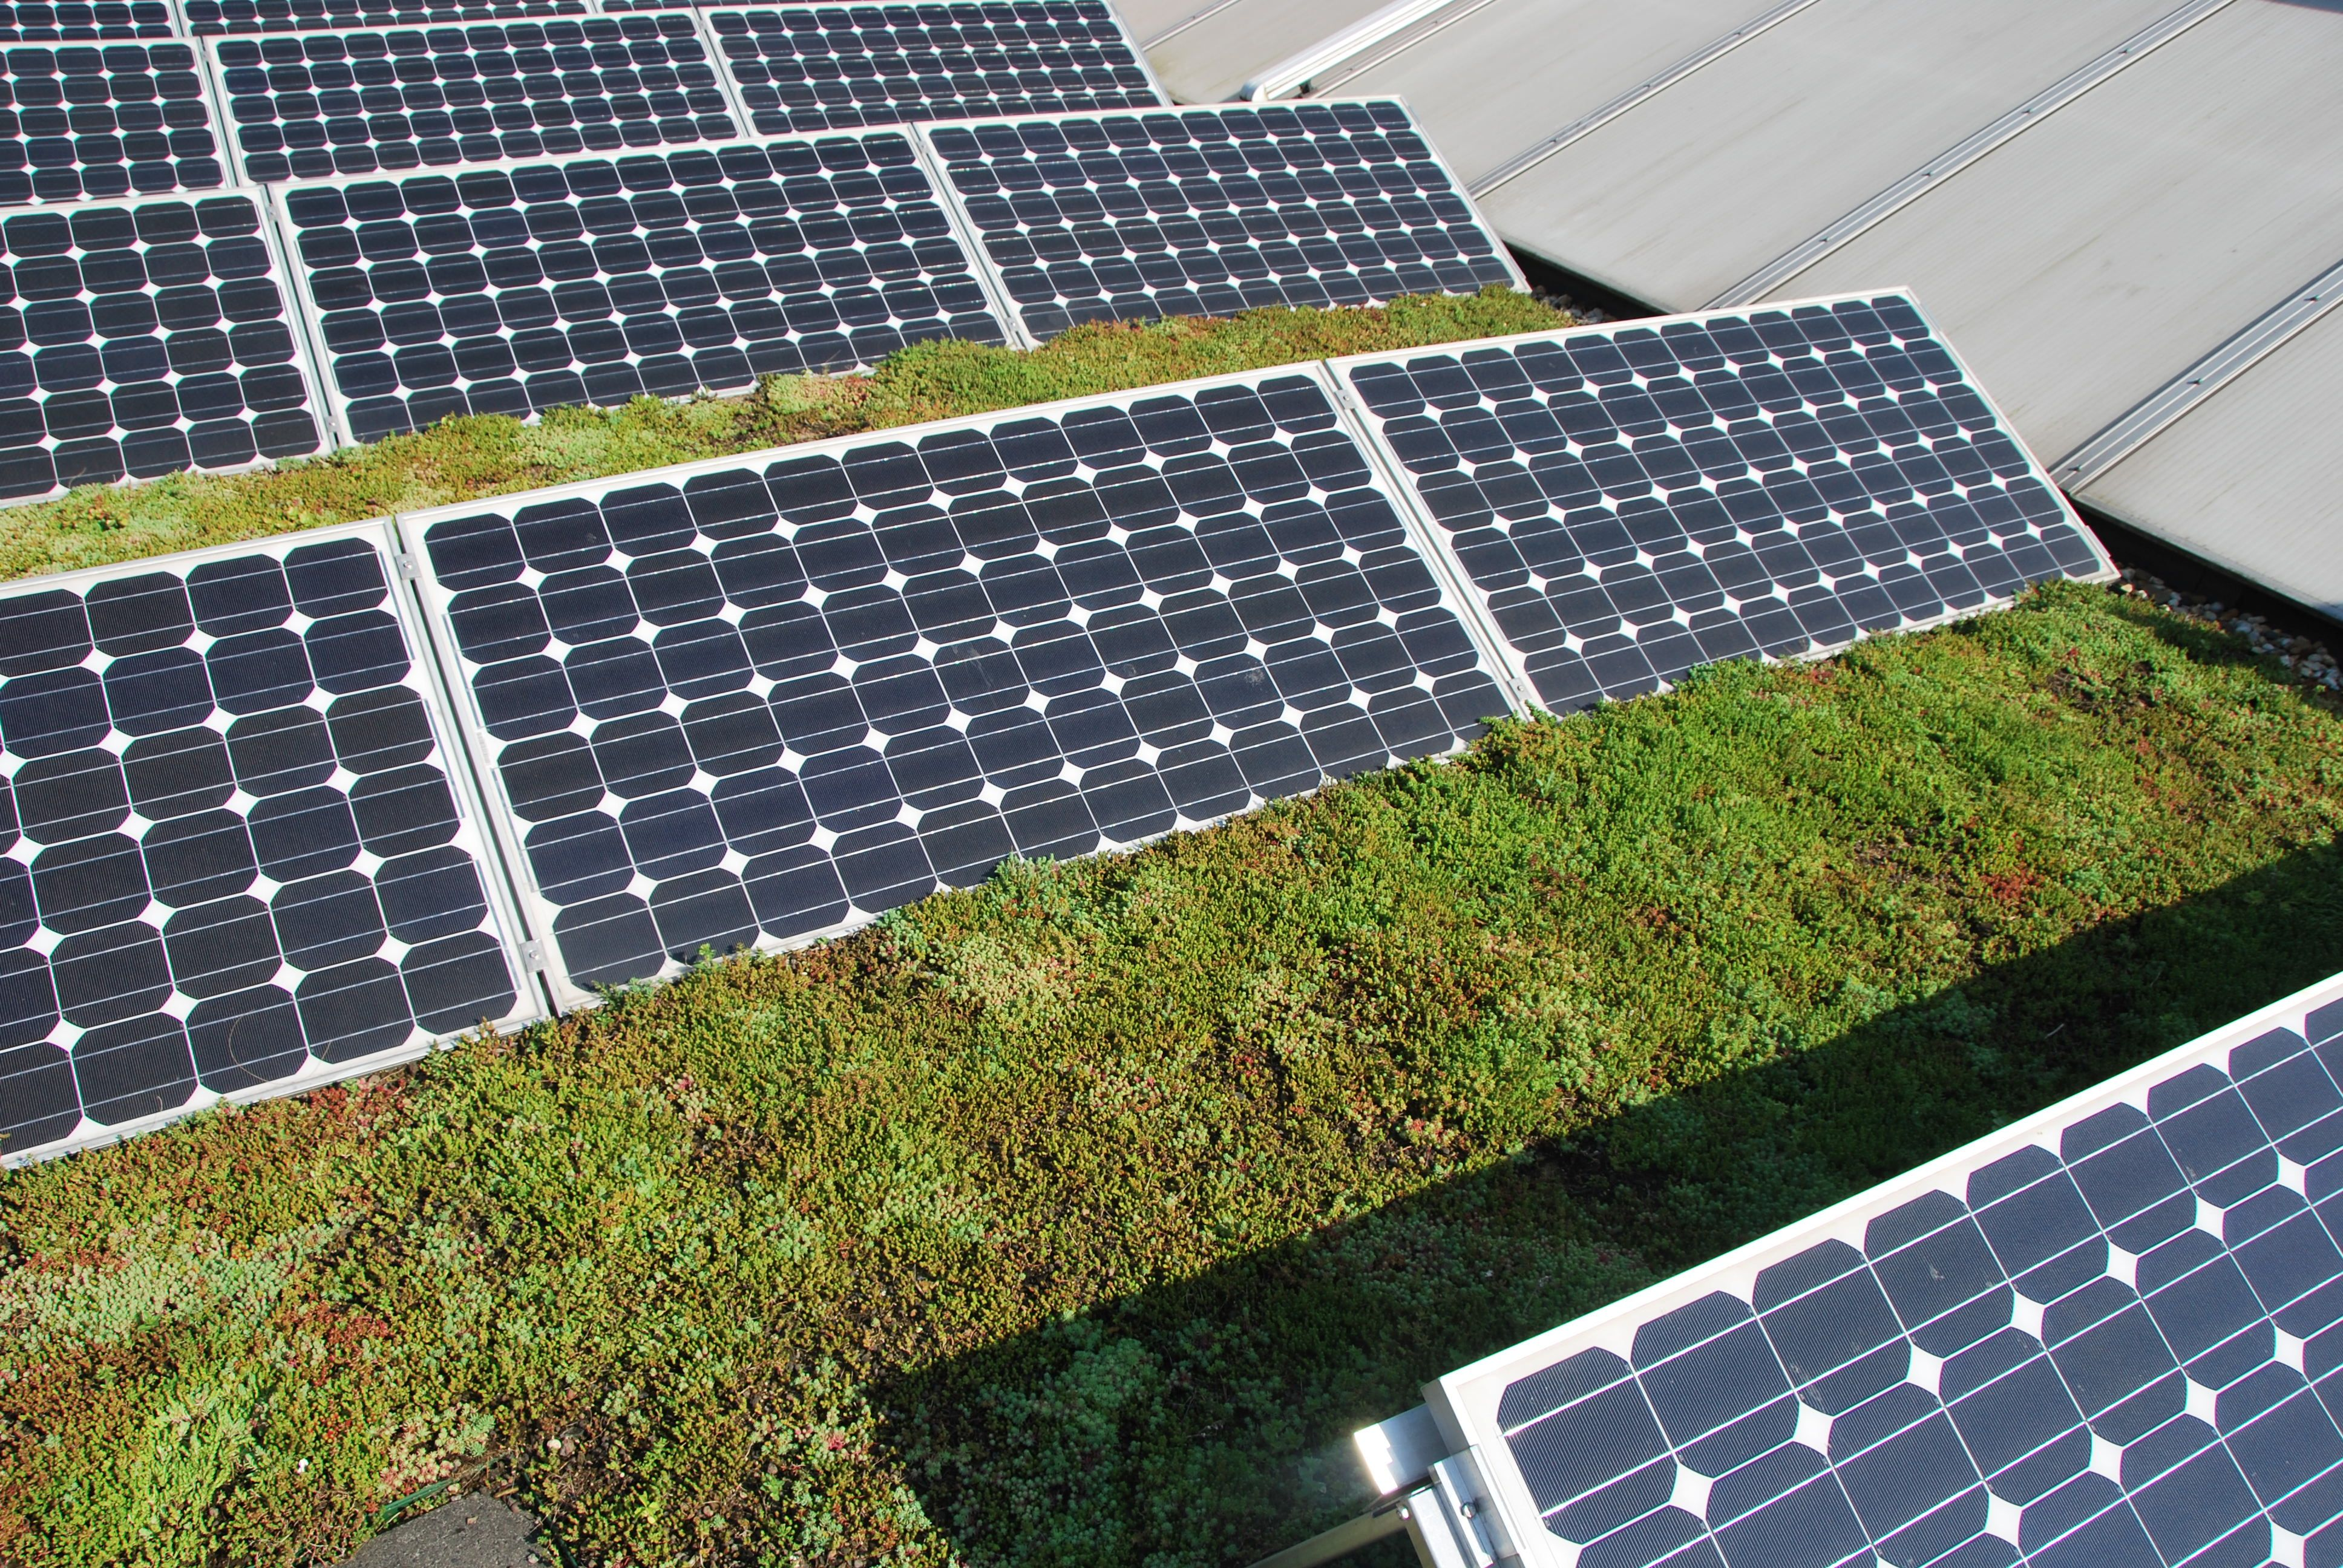 Afbeelding nieuws item Zonnepanelen op groen dak leveren hoger rendement